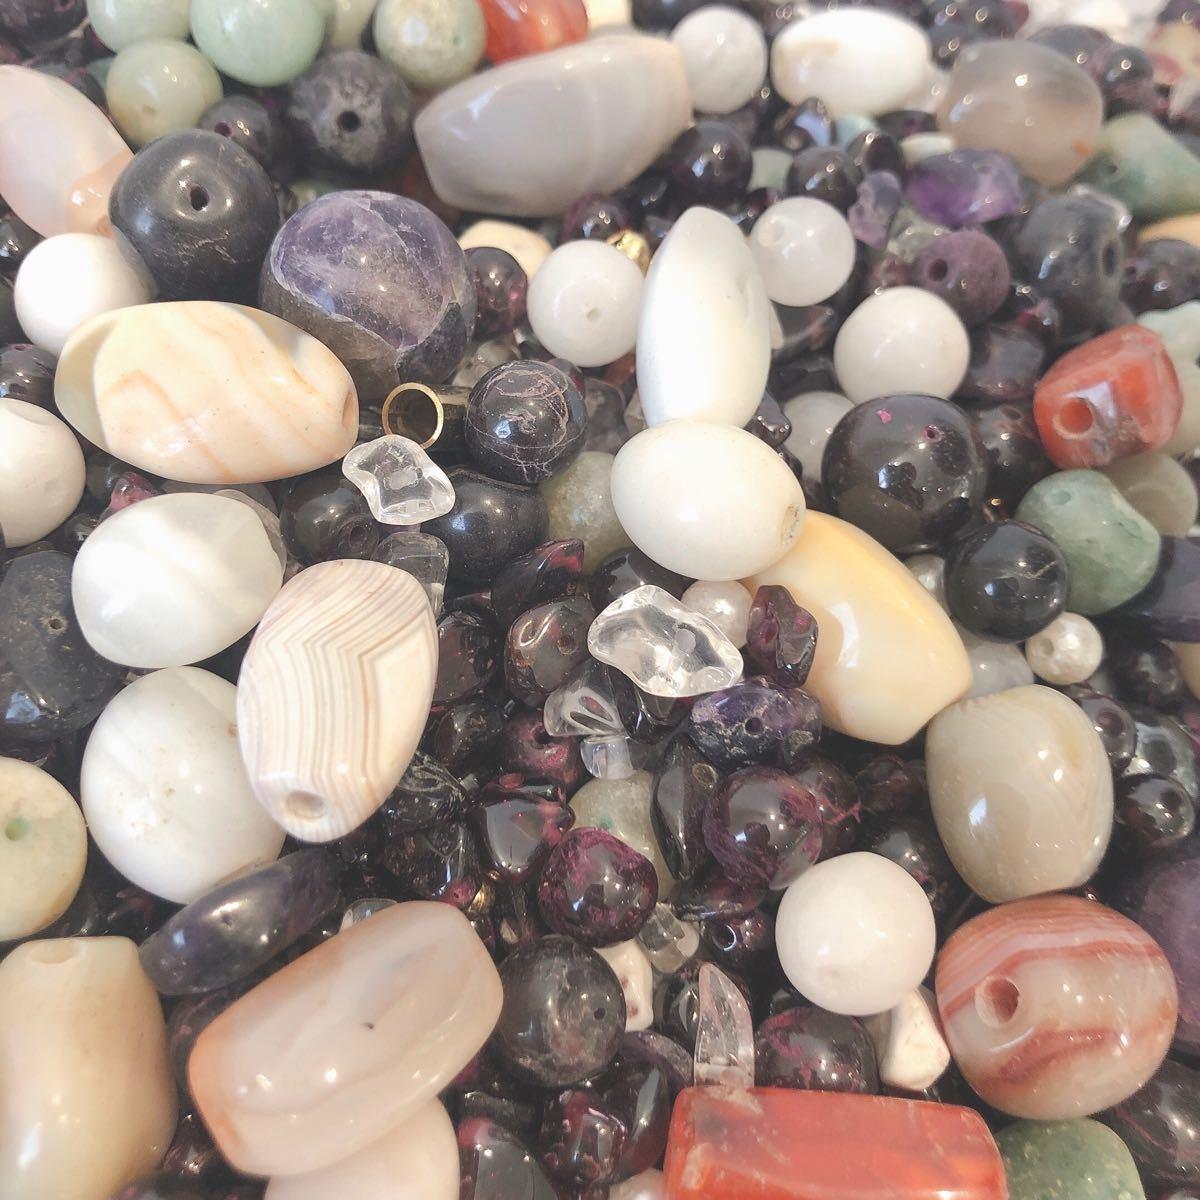 【おまとめ割引】高級天然石 詰め合わせ 4000g ミックス ハンドメイド 資材 パワーストーン カラーストーン 裸クォーツ